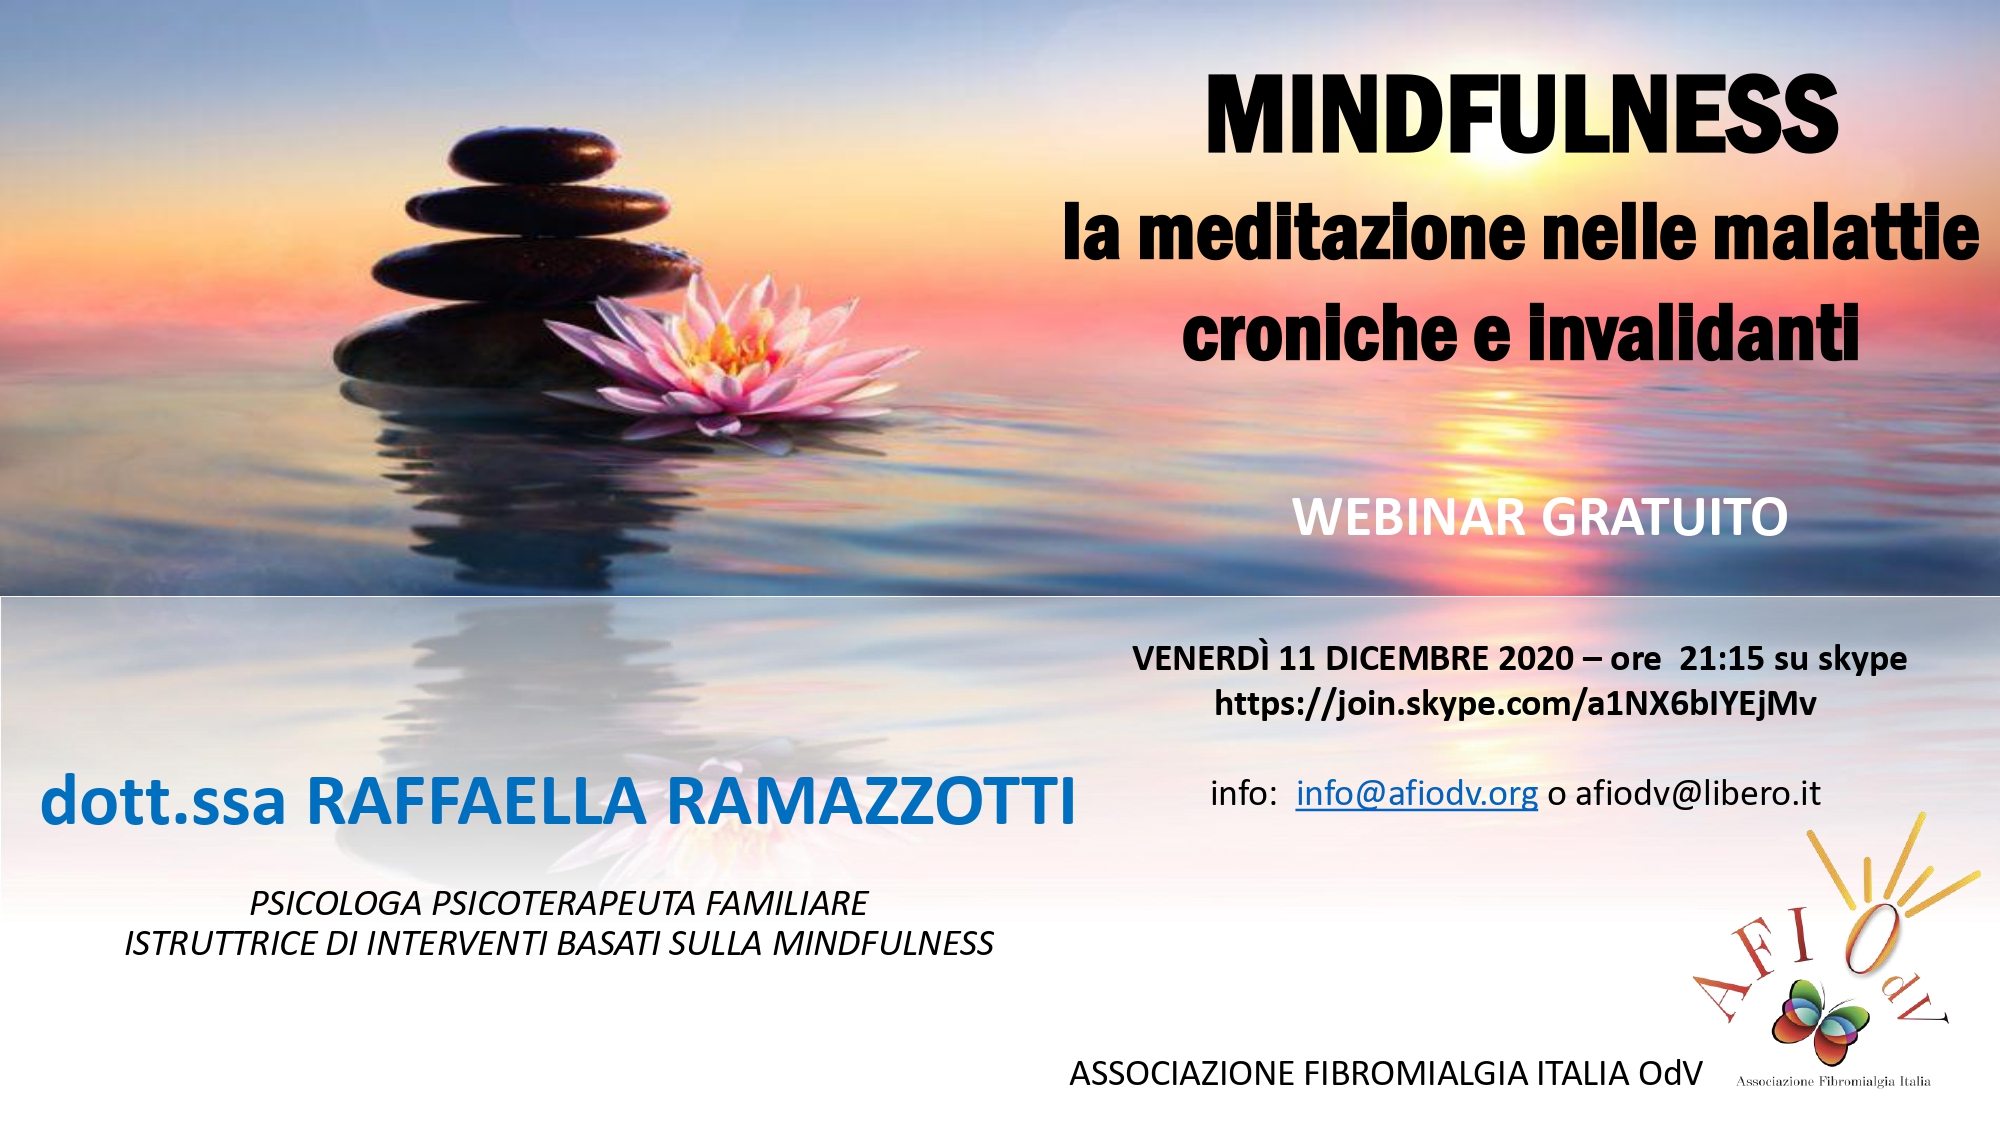 MINDFULNESS la meditazione nelle malattie croniche e invalidanti